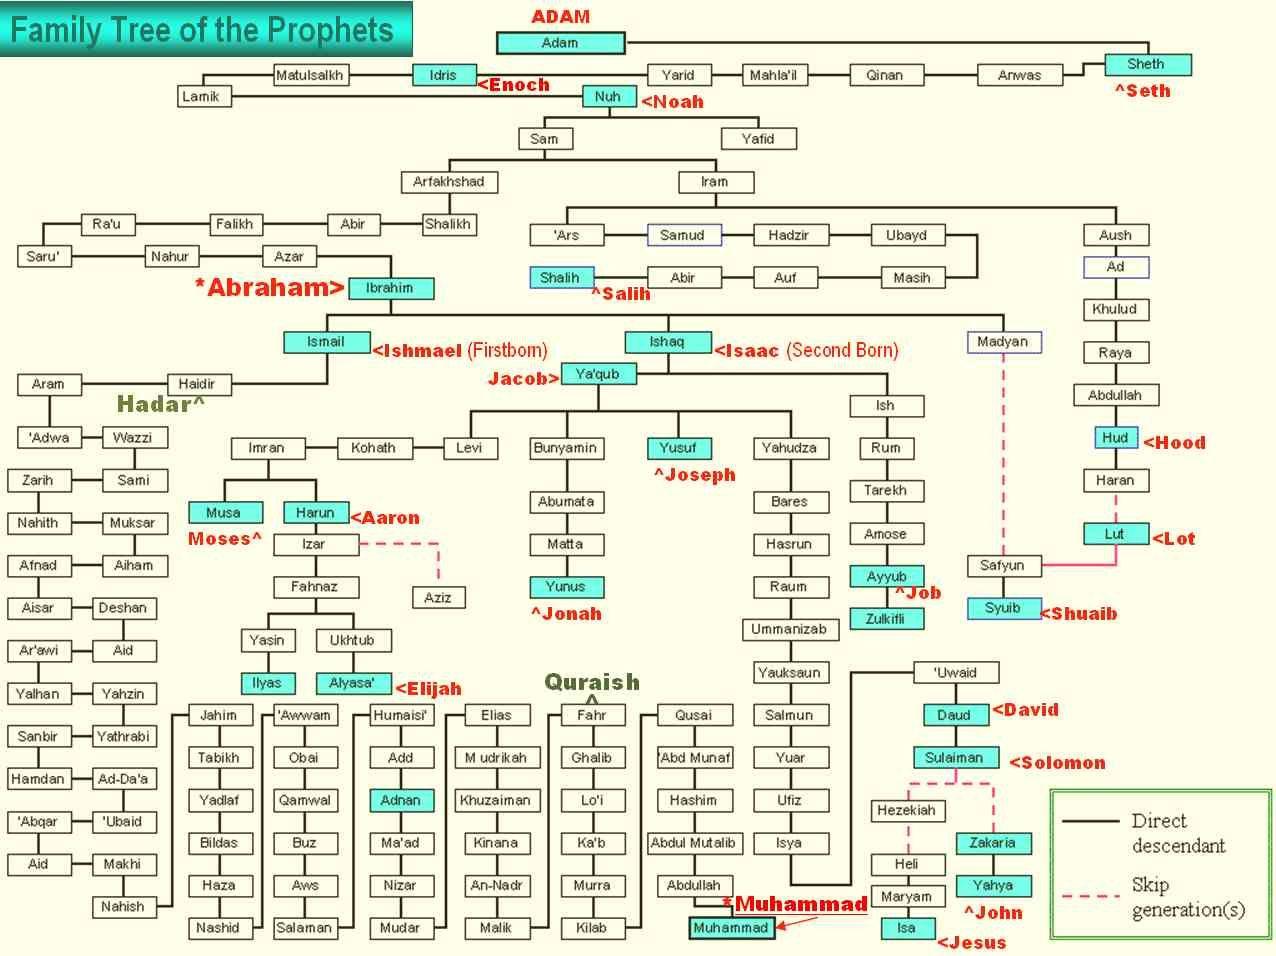 Poseban status za židove i kršćane - islam i kršćanstvo